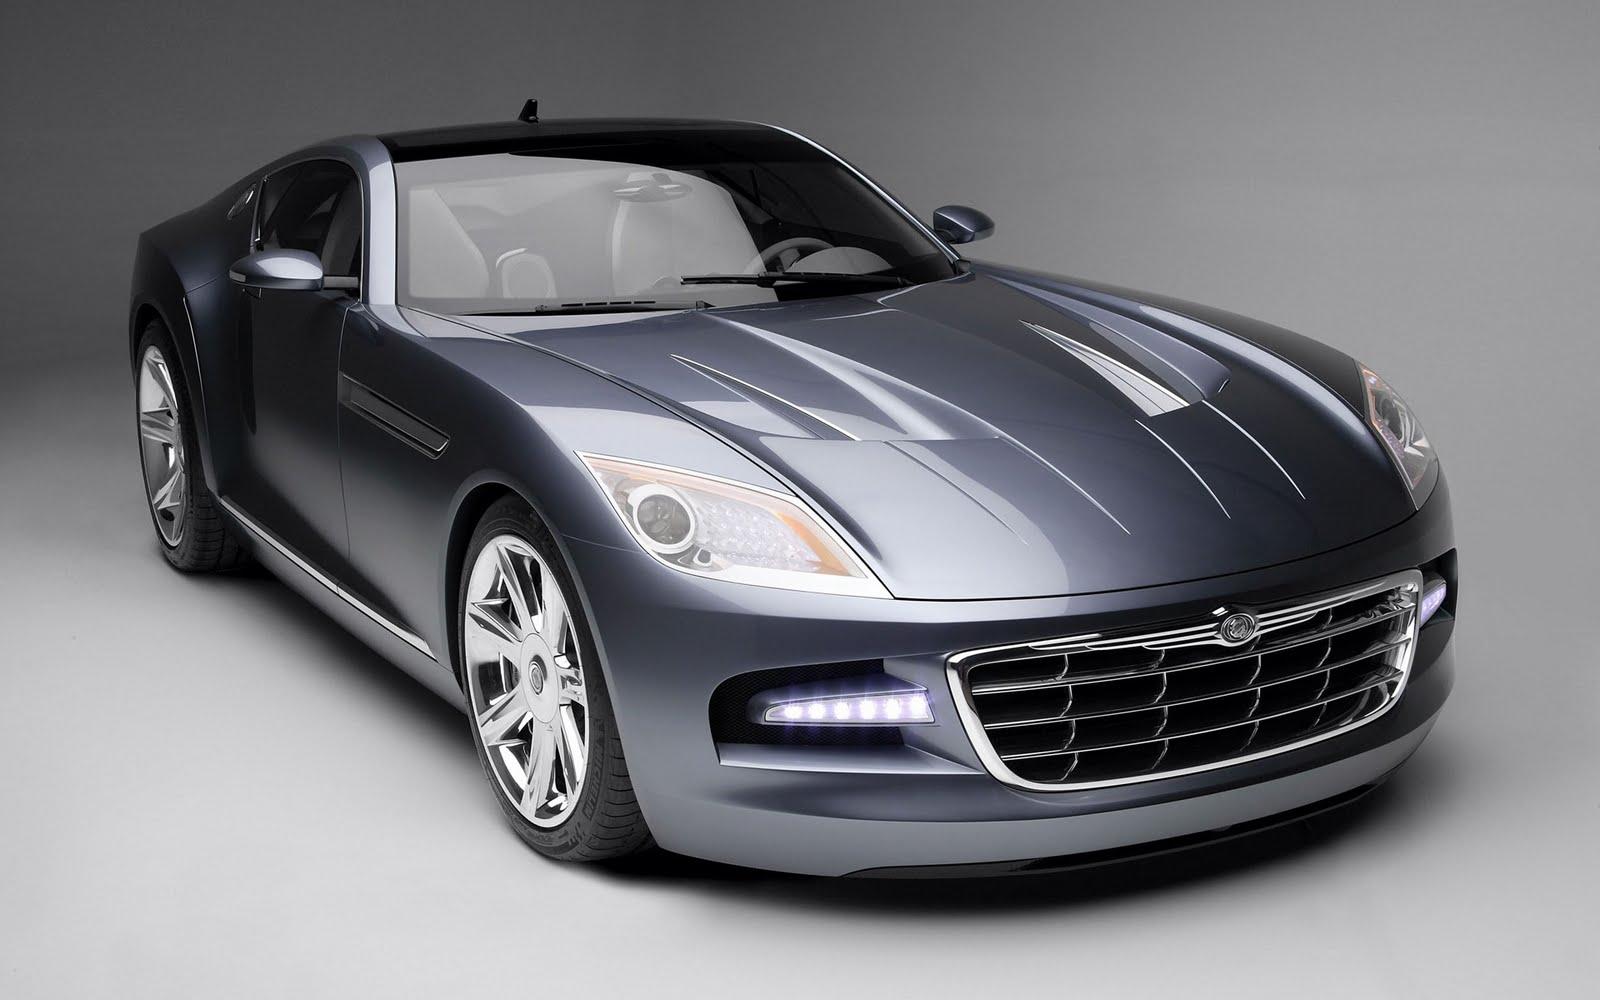 chrysler sports car sports cars. Black Bedroom Furniture Sets. Home Design Ideas